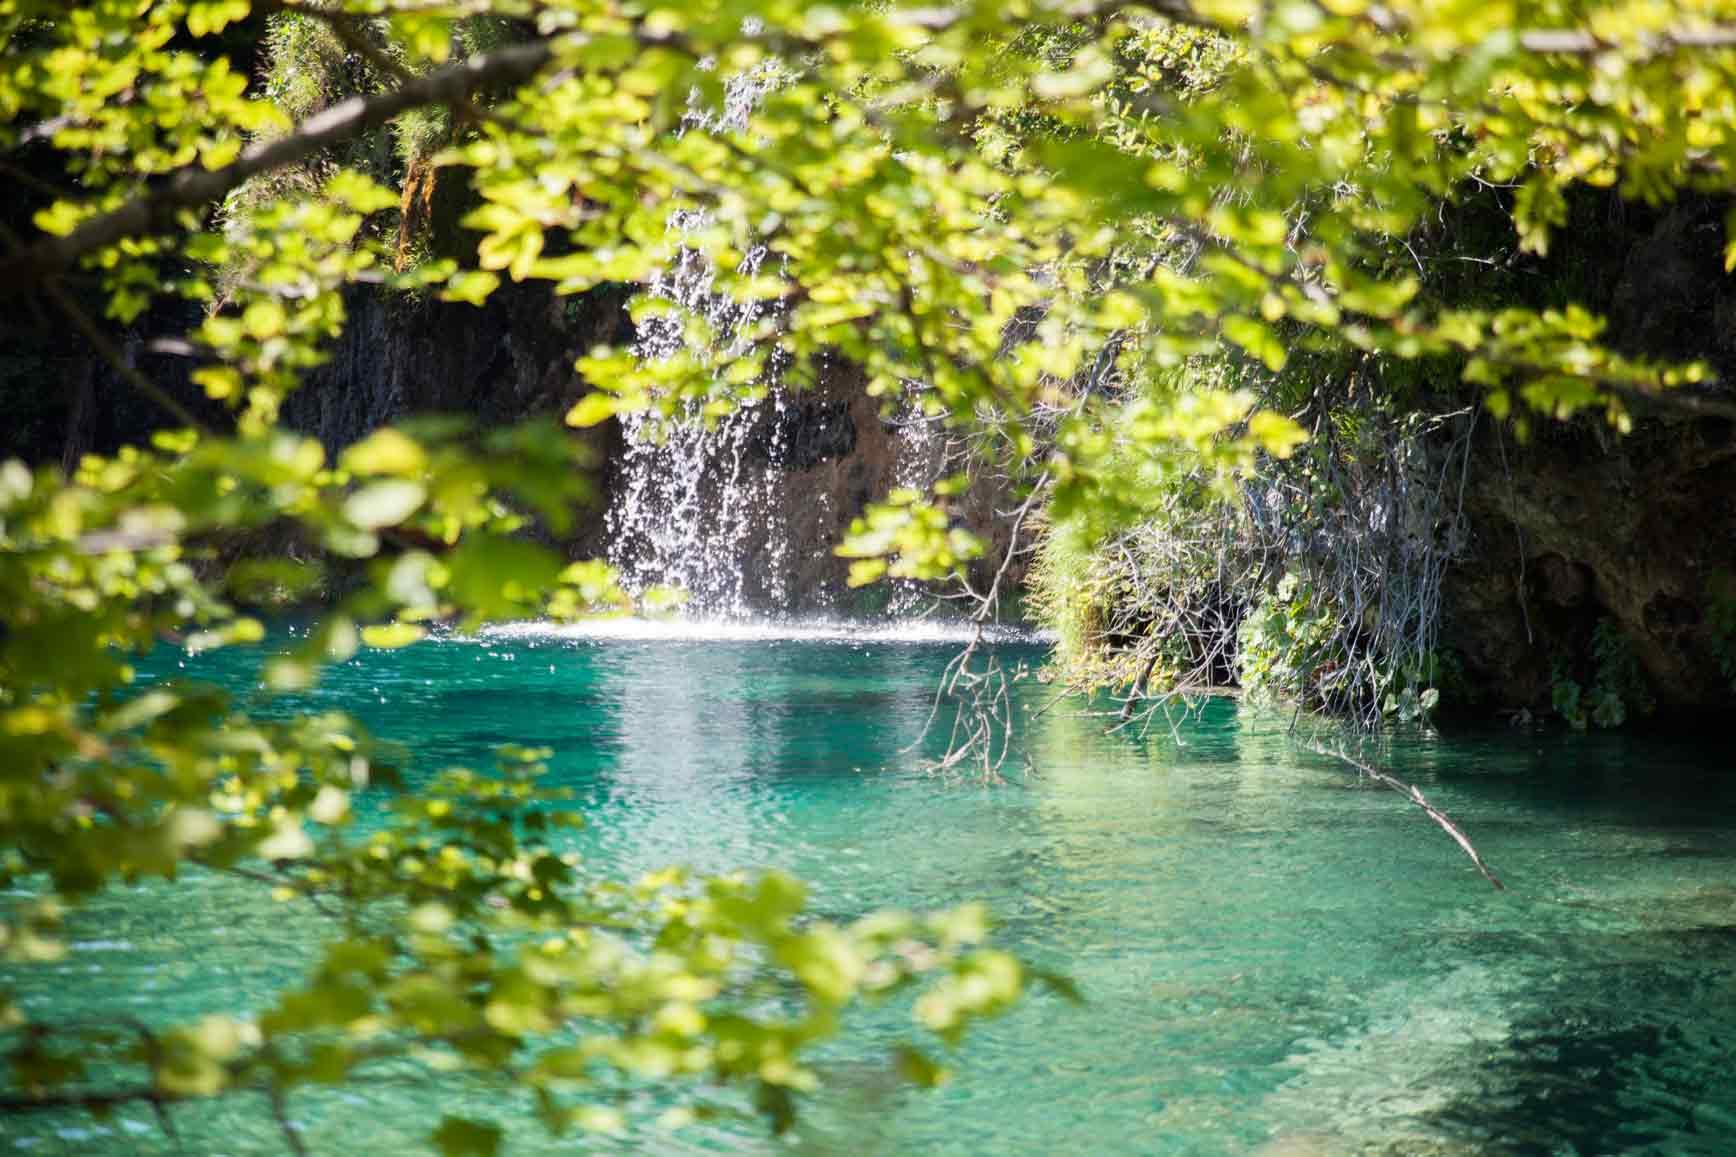 lagos-de-plitvice_claraBmartin_11